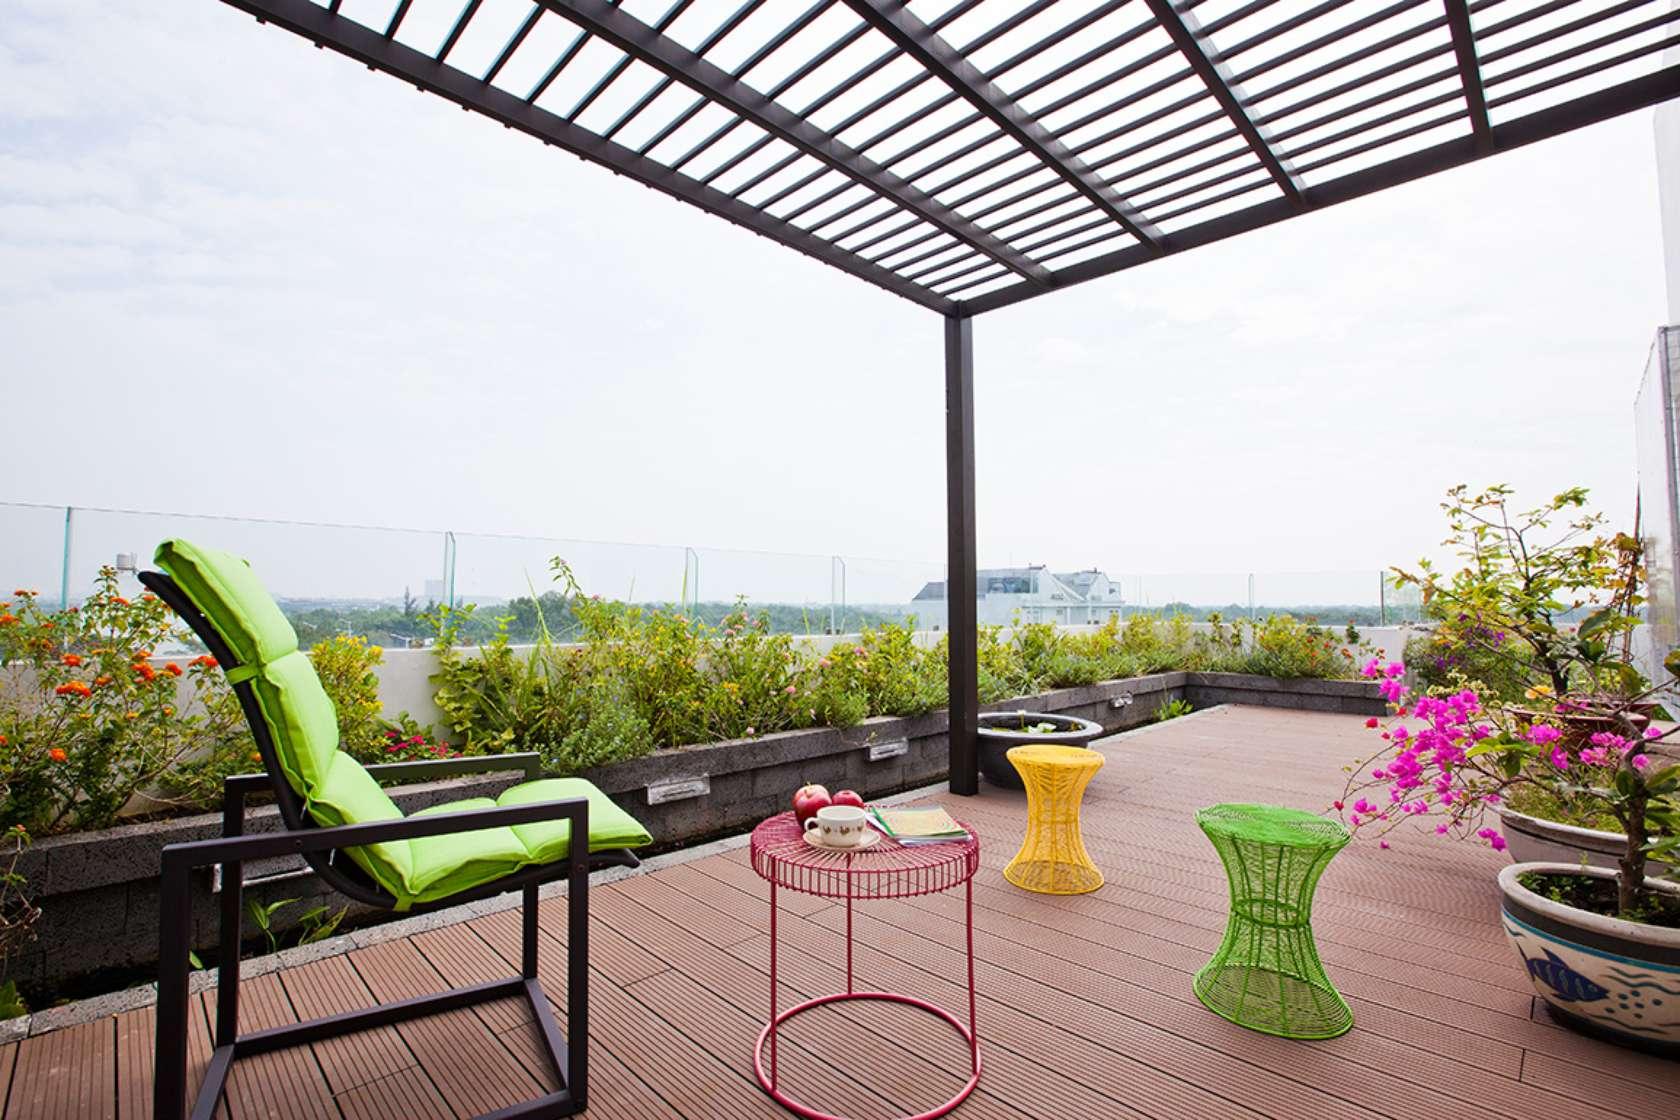 Báo Tây khen không tiếc lời công trình nhà phố 3 tầng có sân vườn cực đẹp ở Sài Gòn - Nhà Đẹp Số (17)